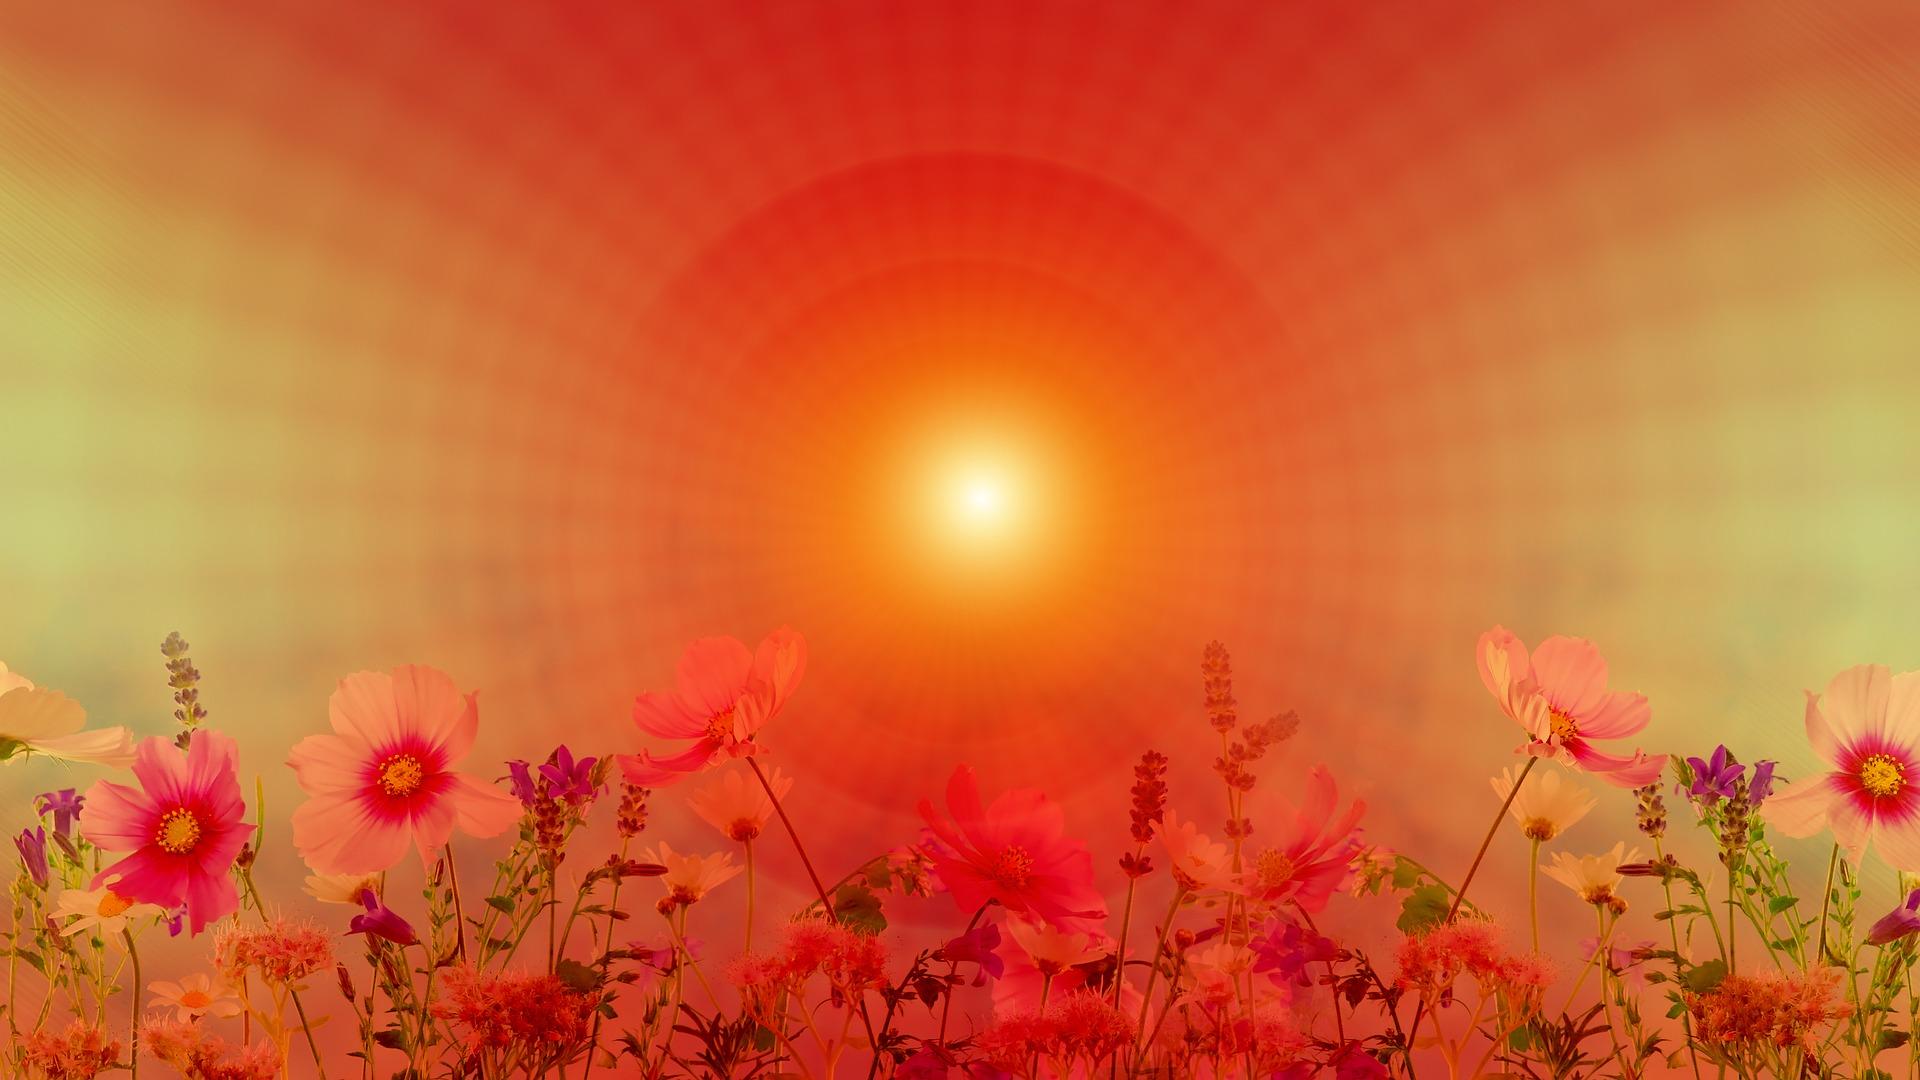 meditation-3265849_1920.jpg